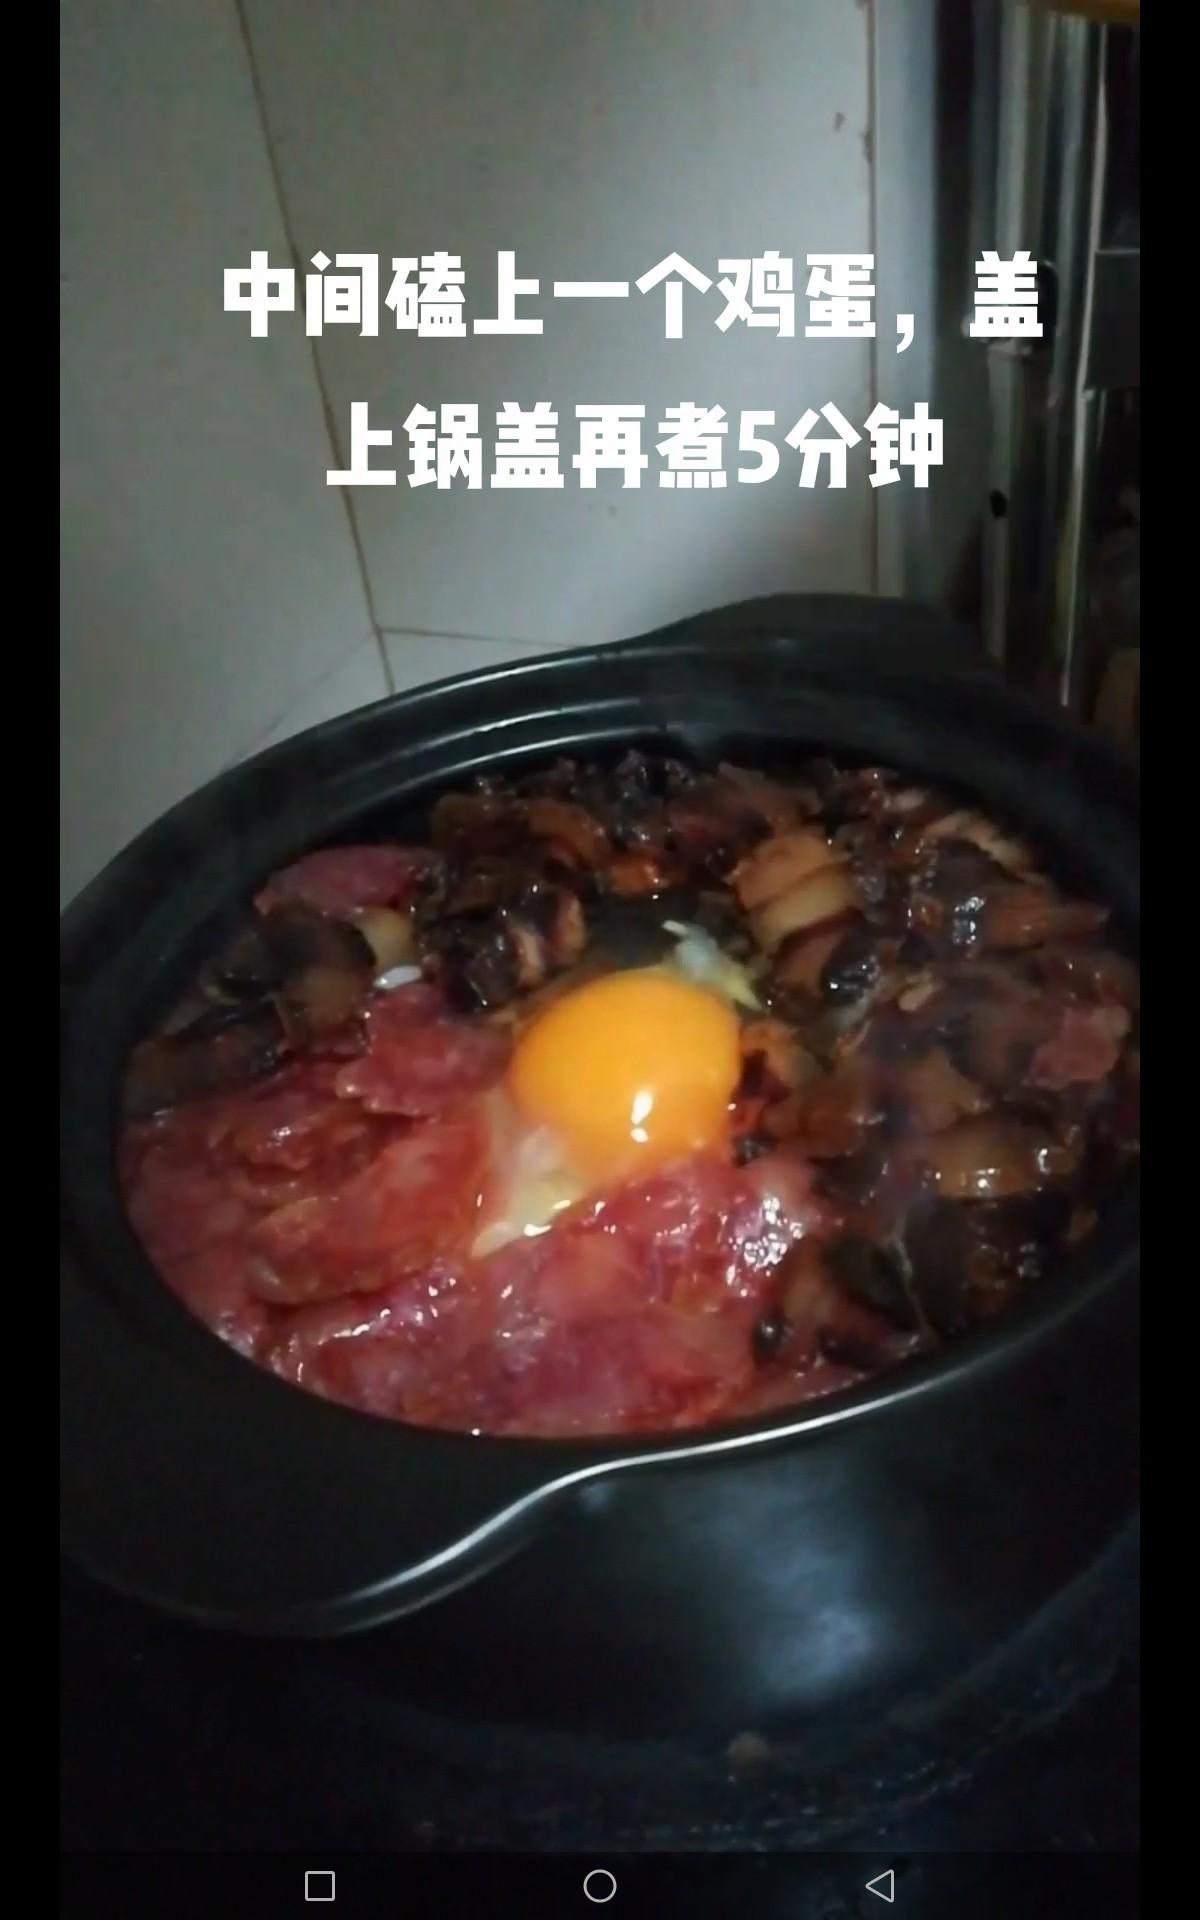 砂锅煲仔饭怎么做